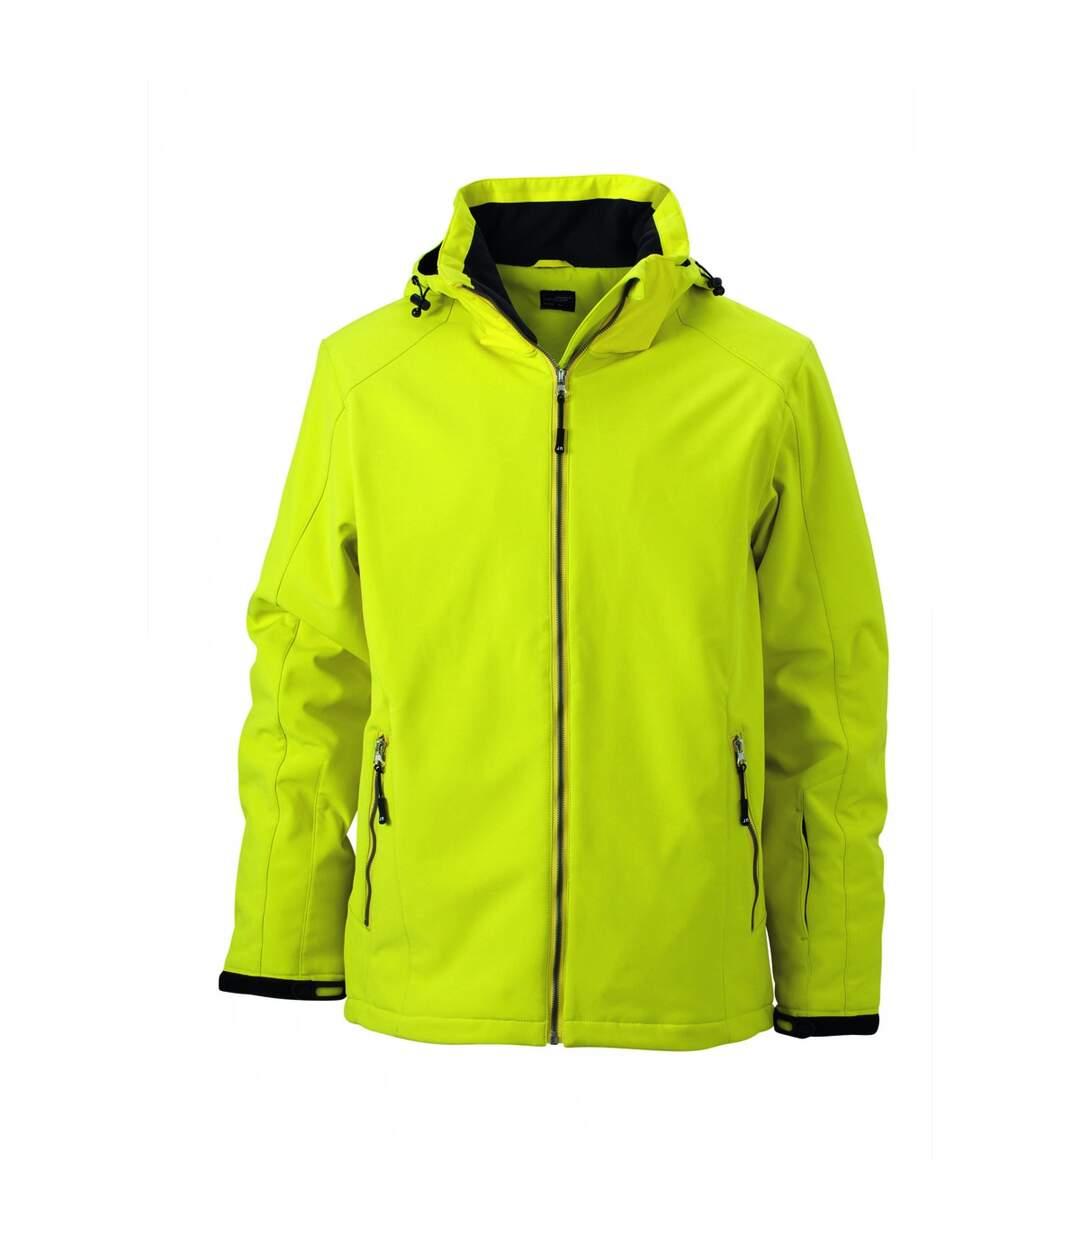 Veste softshell doublée - JN1054 - Jaune - Homme - Sports d'hiver - Ski